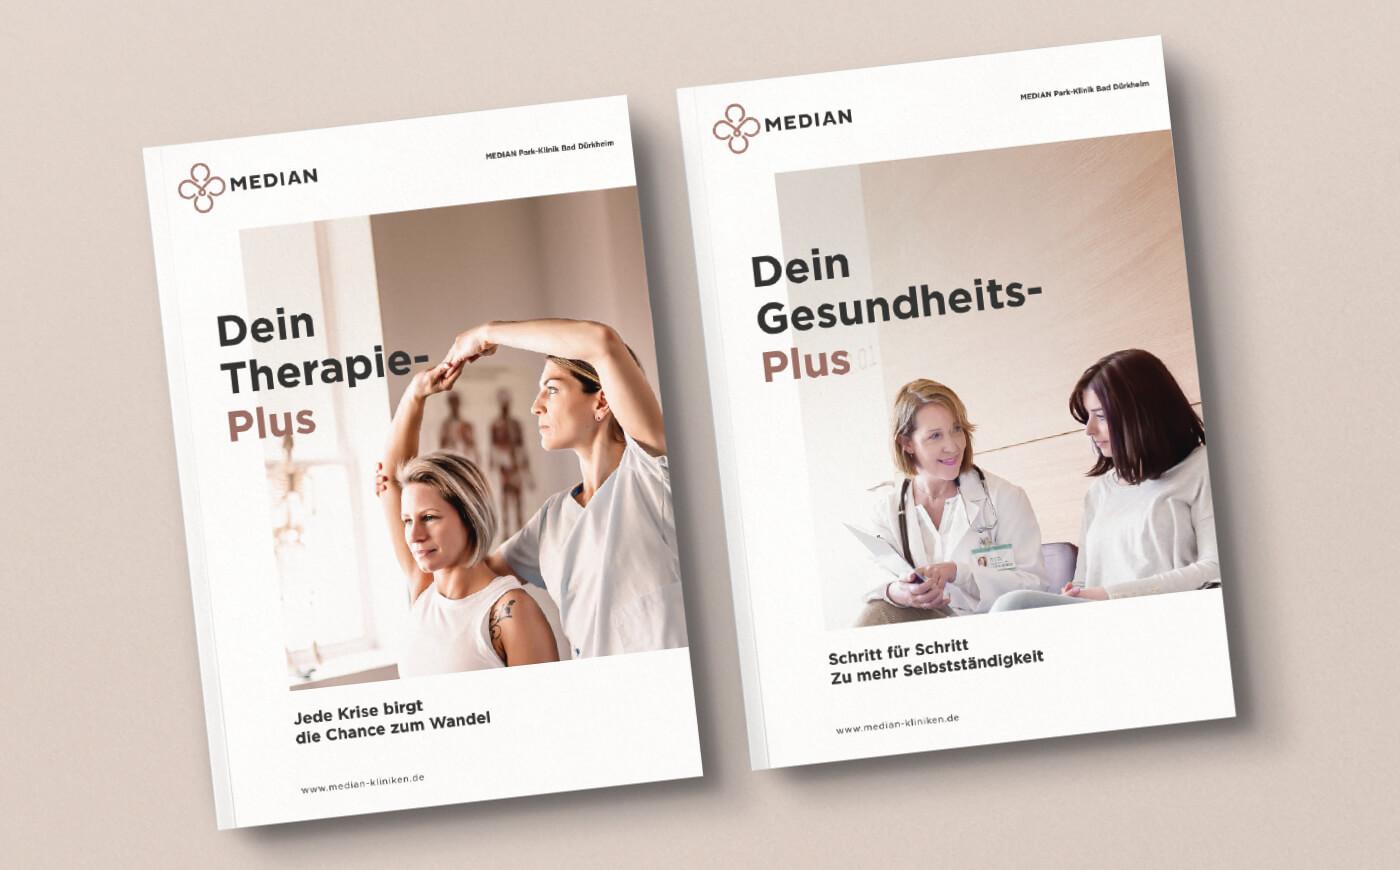 cyclos median krankenhaus klinik broschuere geschaeftsbericht marketing klinikum